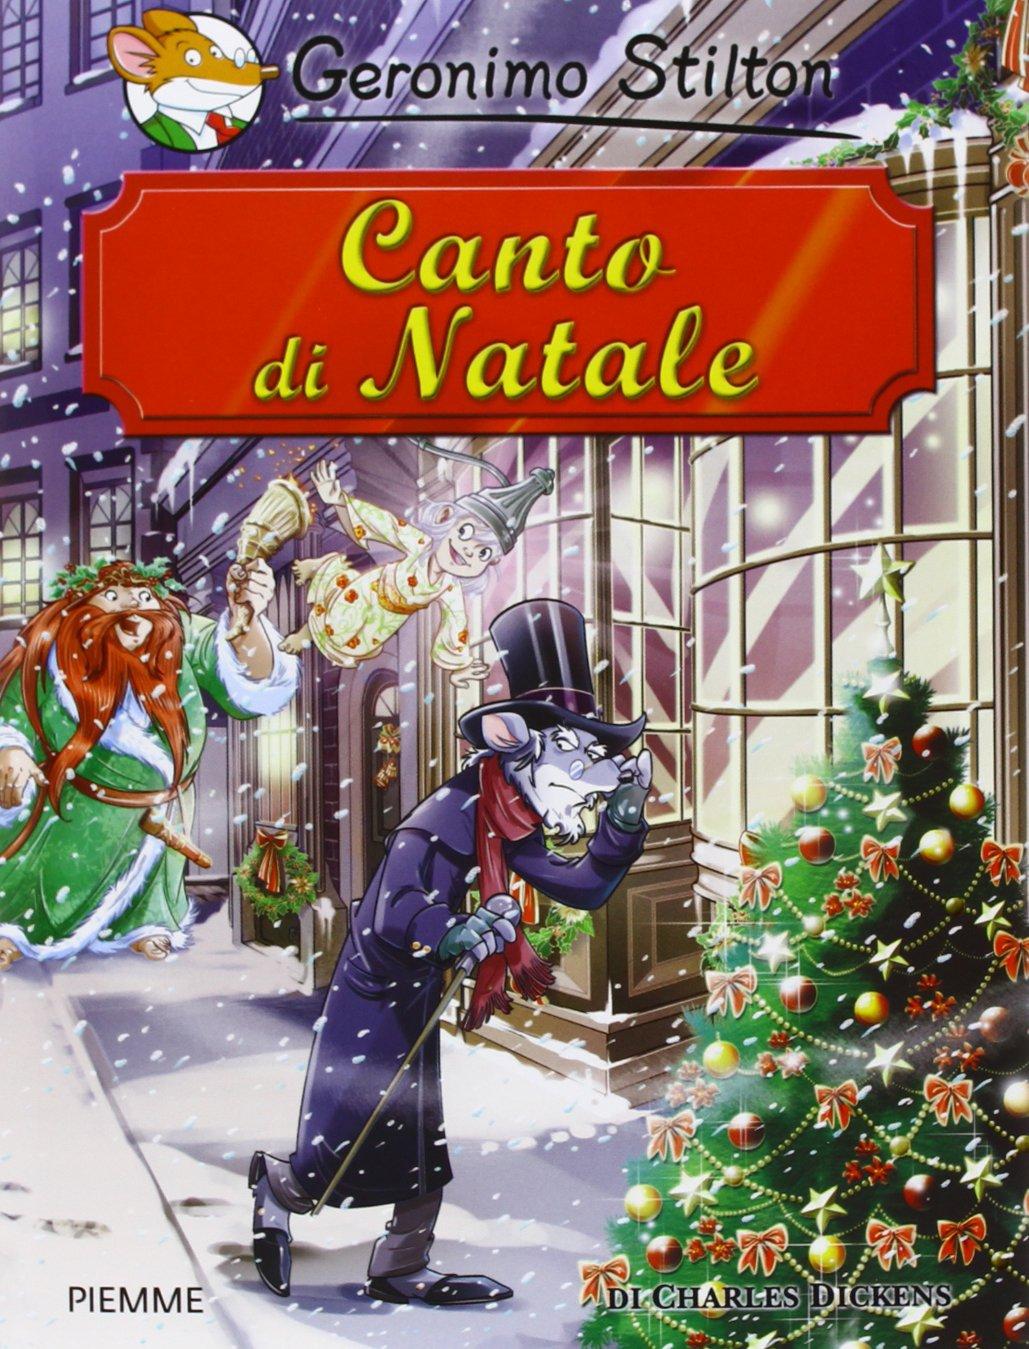 Canto Di Natale Immagini.Canto Di Natale Di Charles Dickens Geronimo Stilton